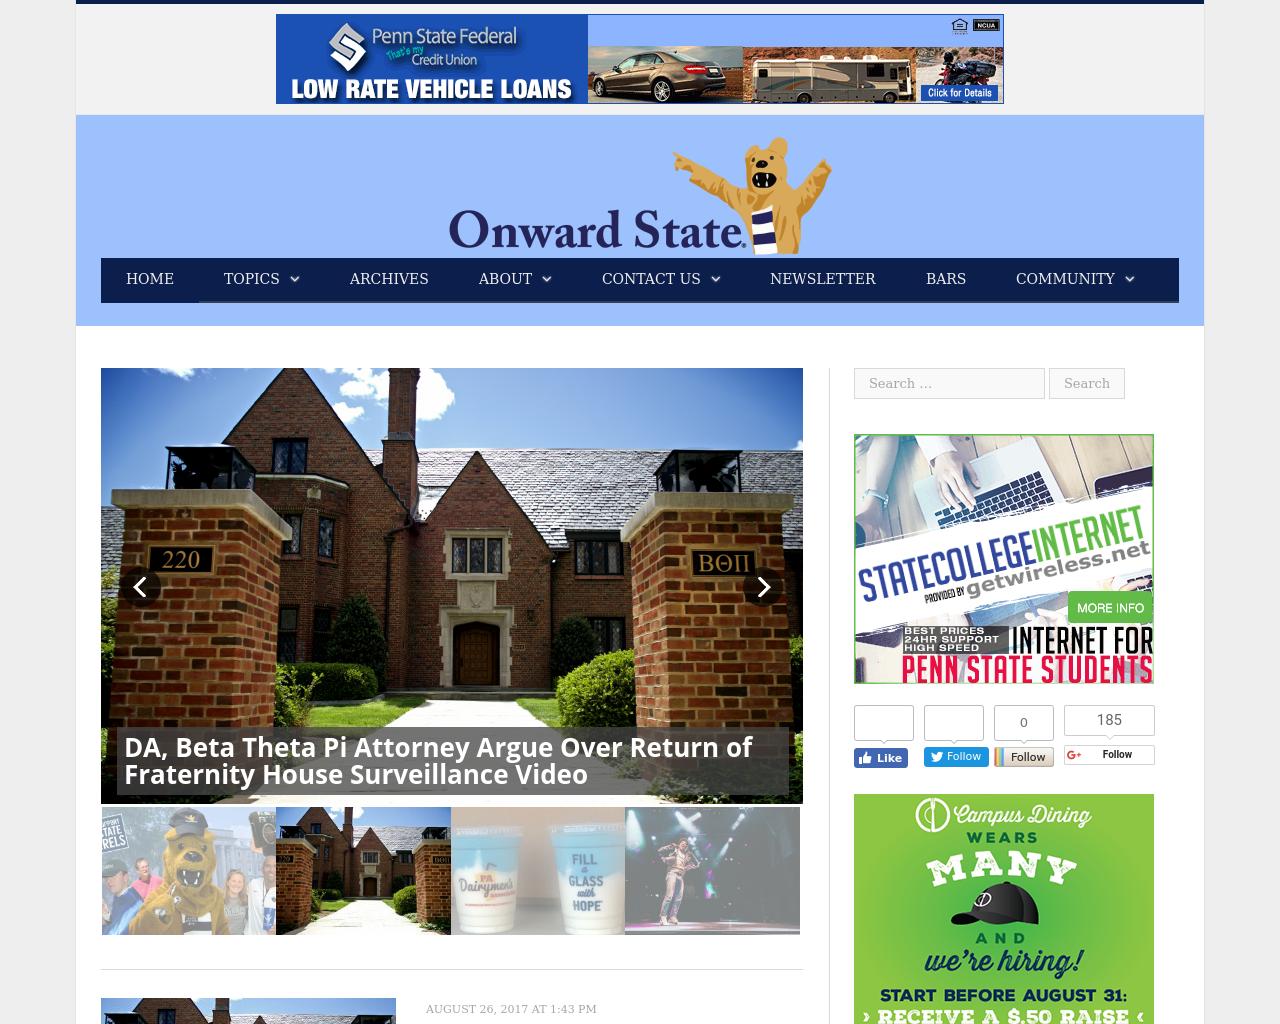 Onward-State-Advertising-Reviews-Pricing